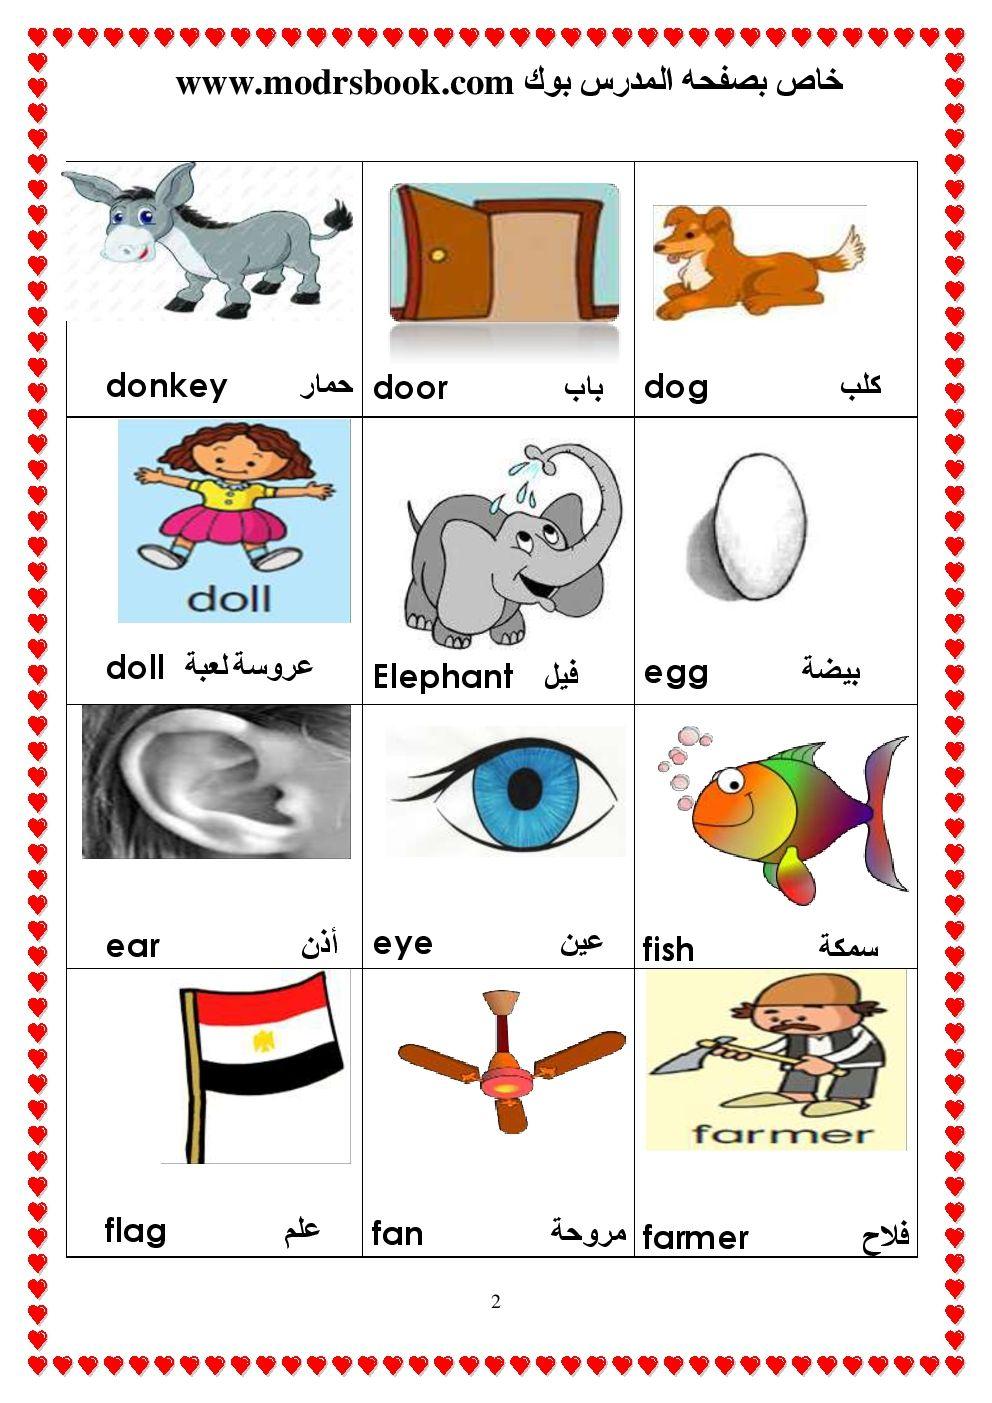 قاموس مصور من 100 كلمة انجليزي مفيد جدا للاطفال وللمراحل الاولي للتعليم مدرس بوك كتب مذكرات نتائج اخبار Education Elephant Character